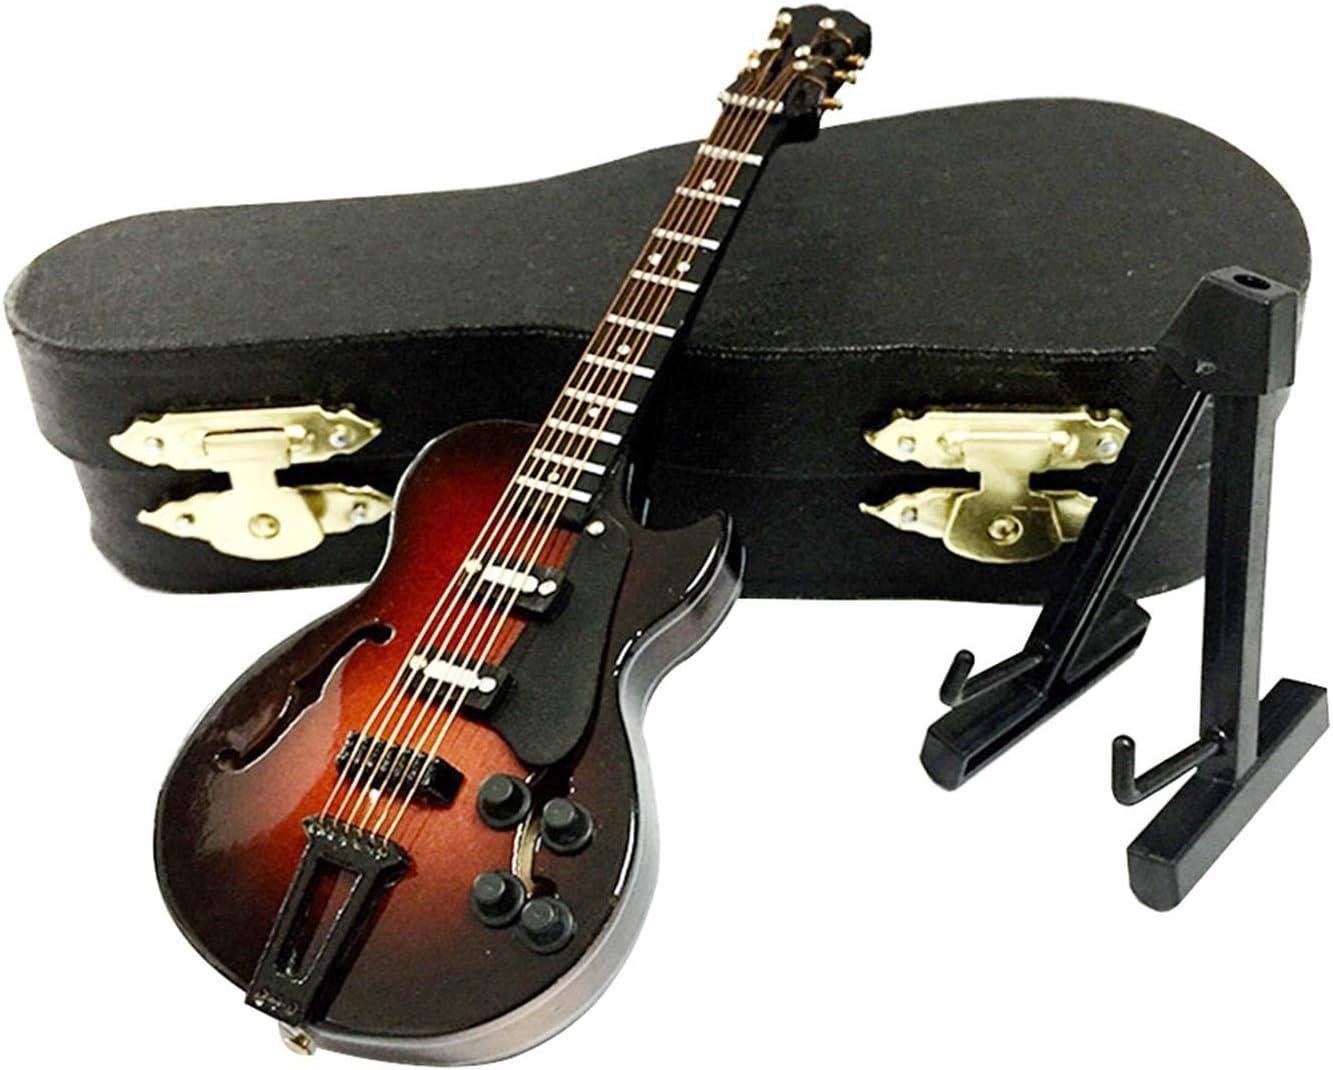 QOTSTEOS Guitarra en Miniatura de Madera con Soporte y Estuche, Mini Instrumento Musical, réplica en Miniatura, Modelo de casa de muñecas, Adorno de Guitarra para cumpleaños, decoración del hogar